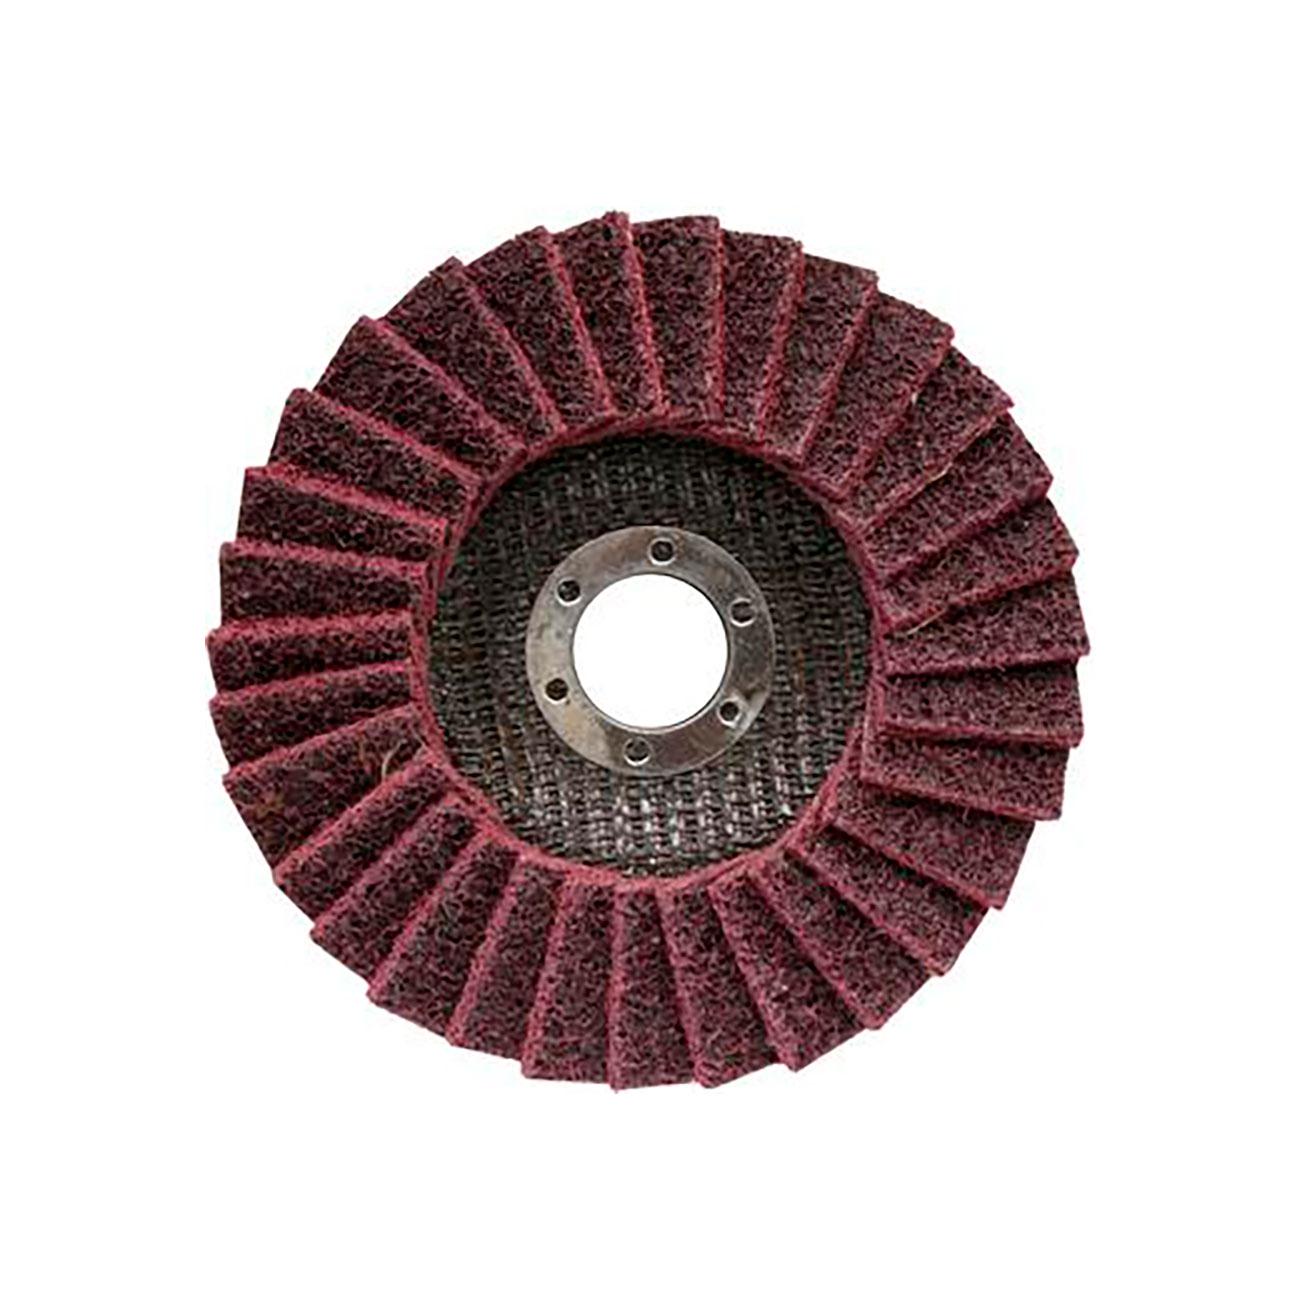 Фото Круг лепестковый полировальный Практика Эксперт, для металла, войлочный, абразивный, средний, 125 х 22 мм {779-202} (1)